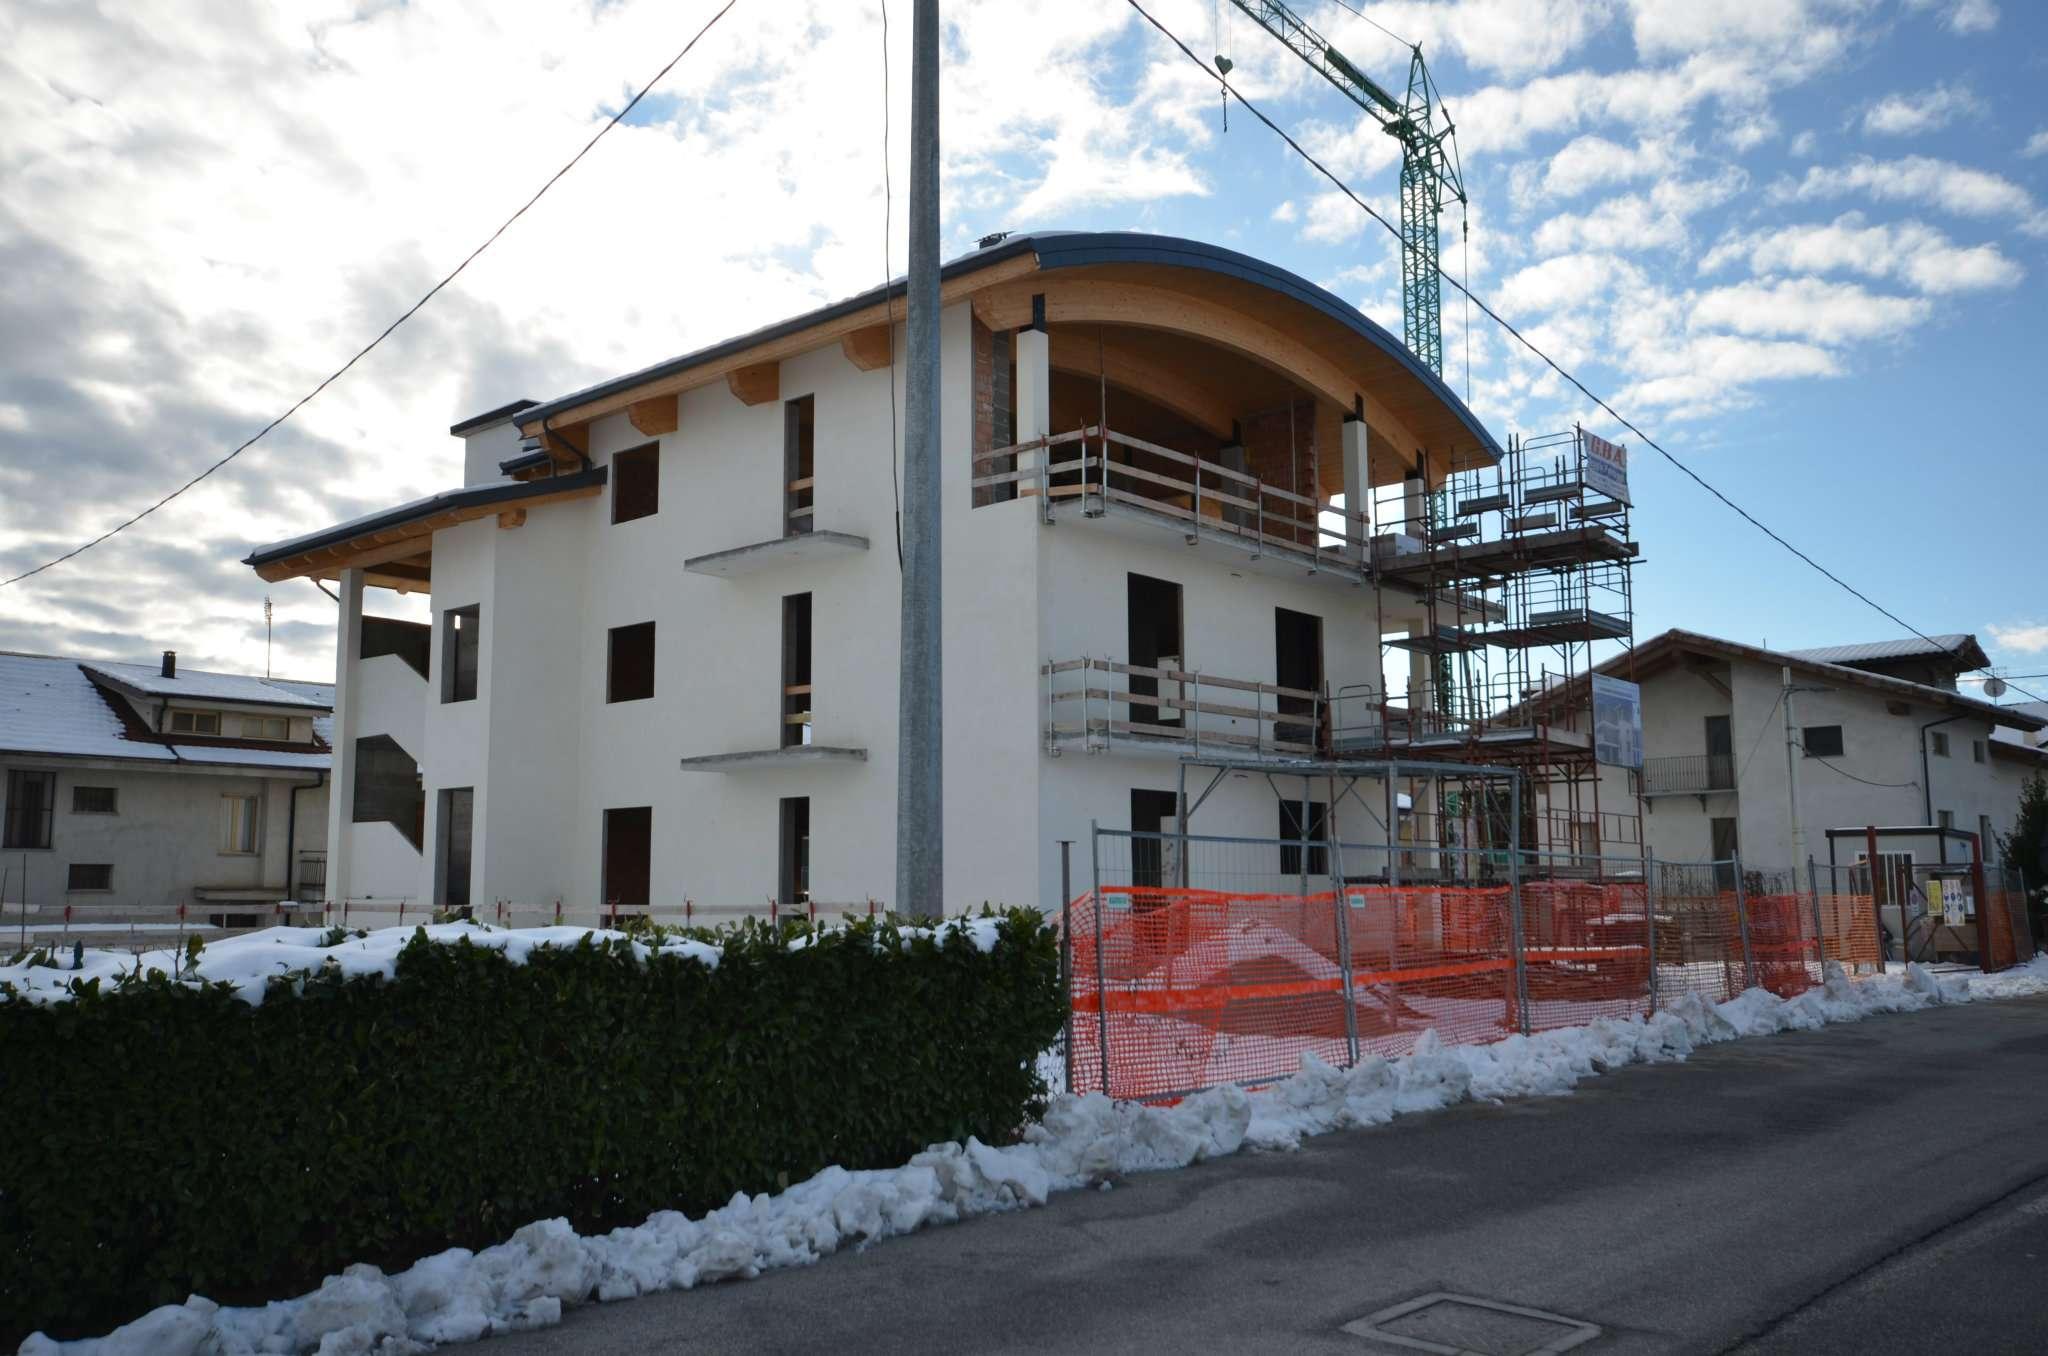 Appartamento in vendita a Borgo San Dalmazzo, 4 locali, prezzo € 236.000 | CambioCasa.it